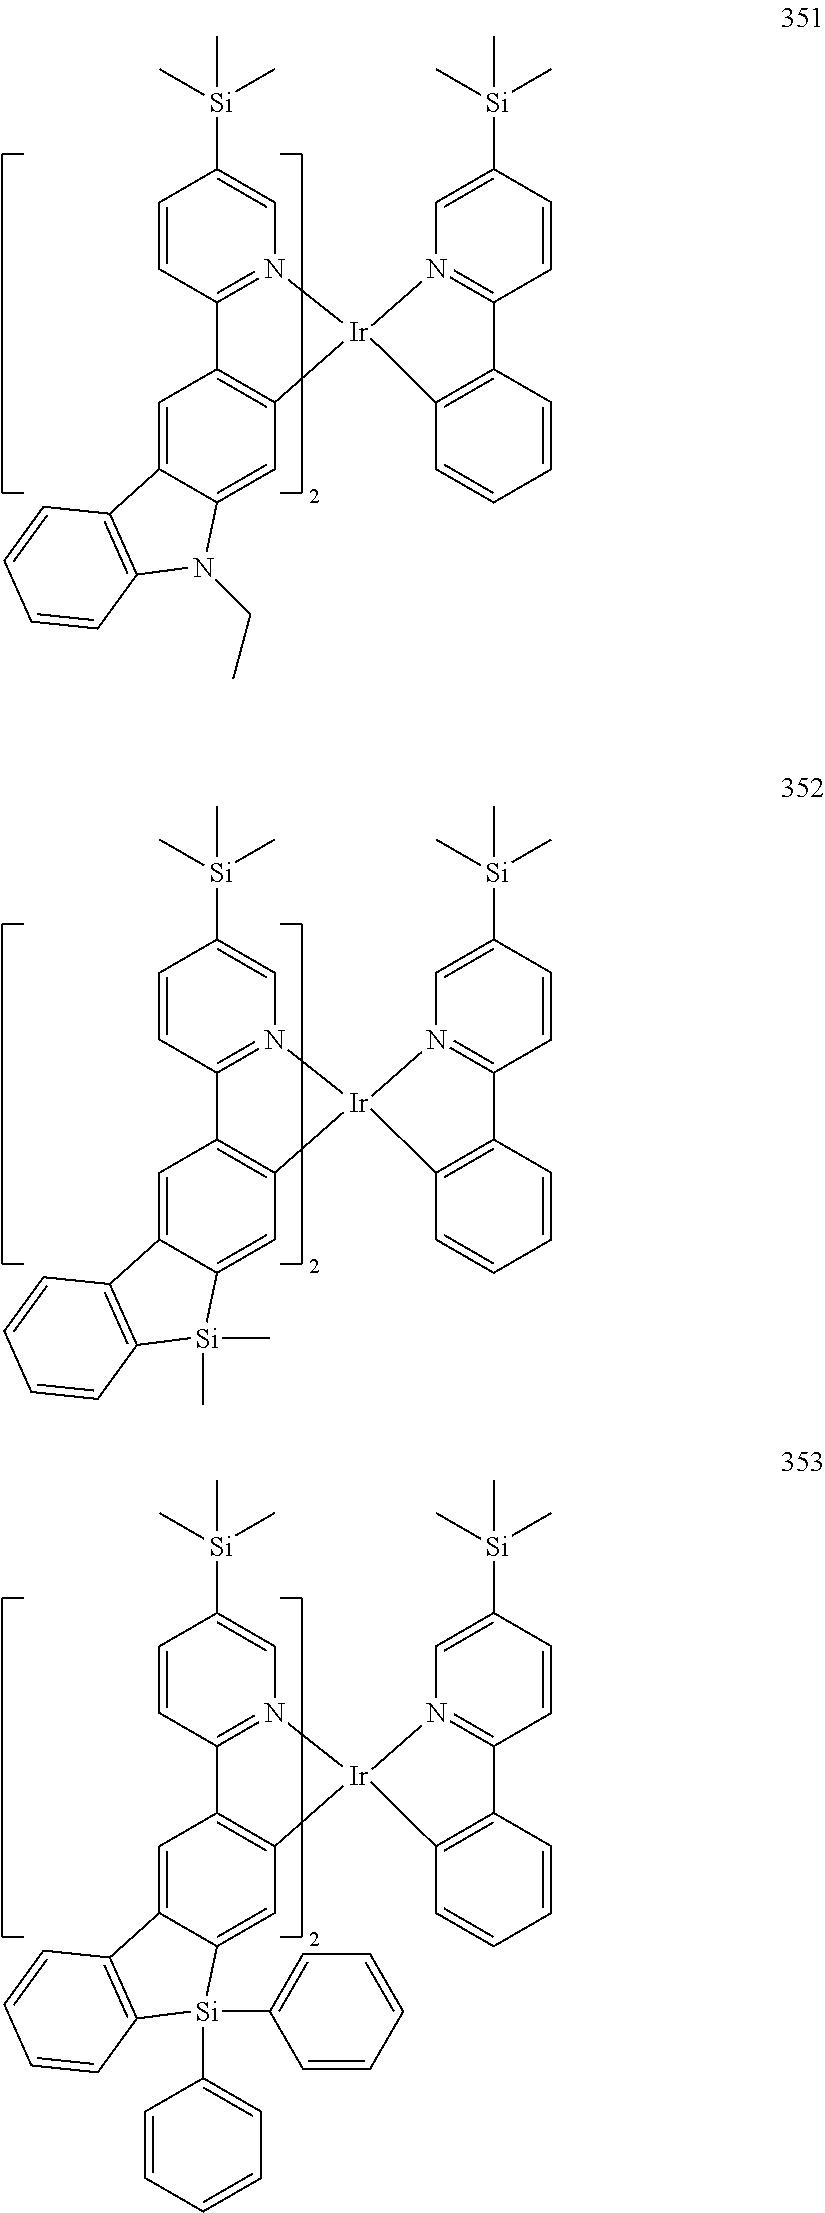 Figure US20160155962A1-20160602-C00168